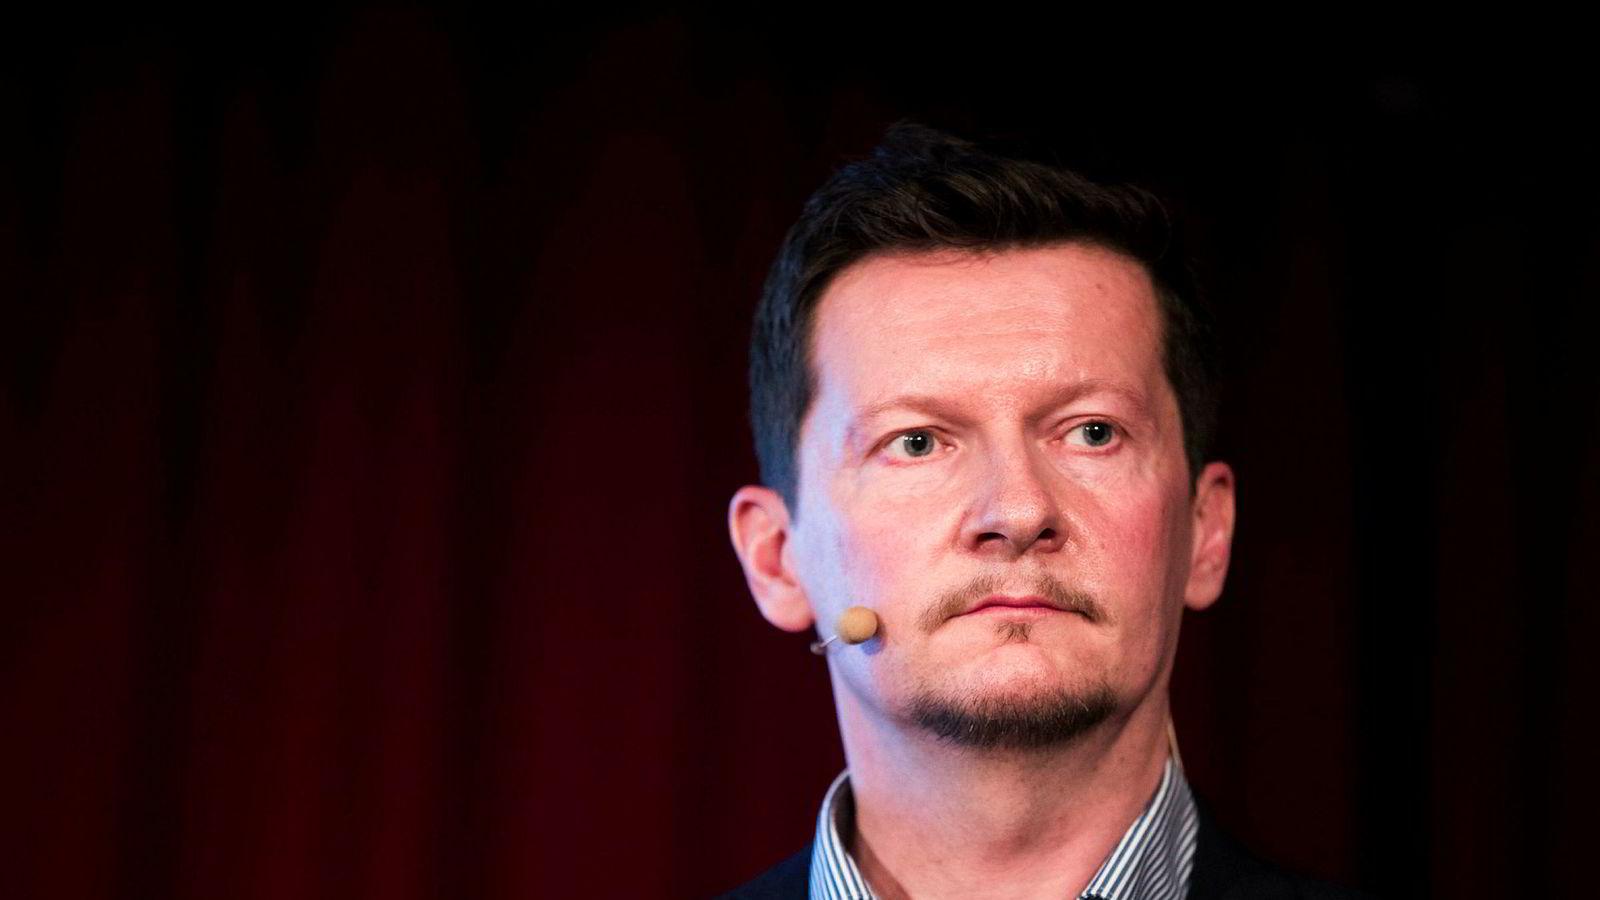 Direktør i Nokut Terje Mørland trakk søknaden om å bli utdanningsdirektør i Oslo da han fikk vite at Marte Gerhardsen ville få jobben.